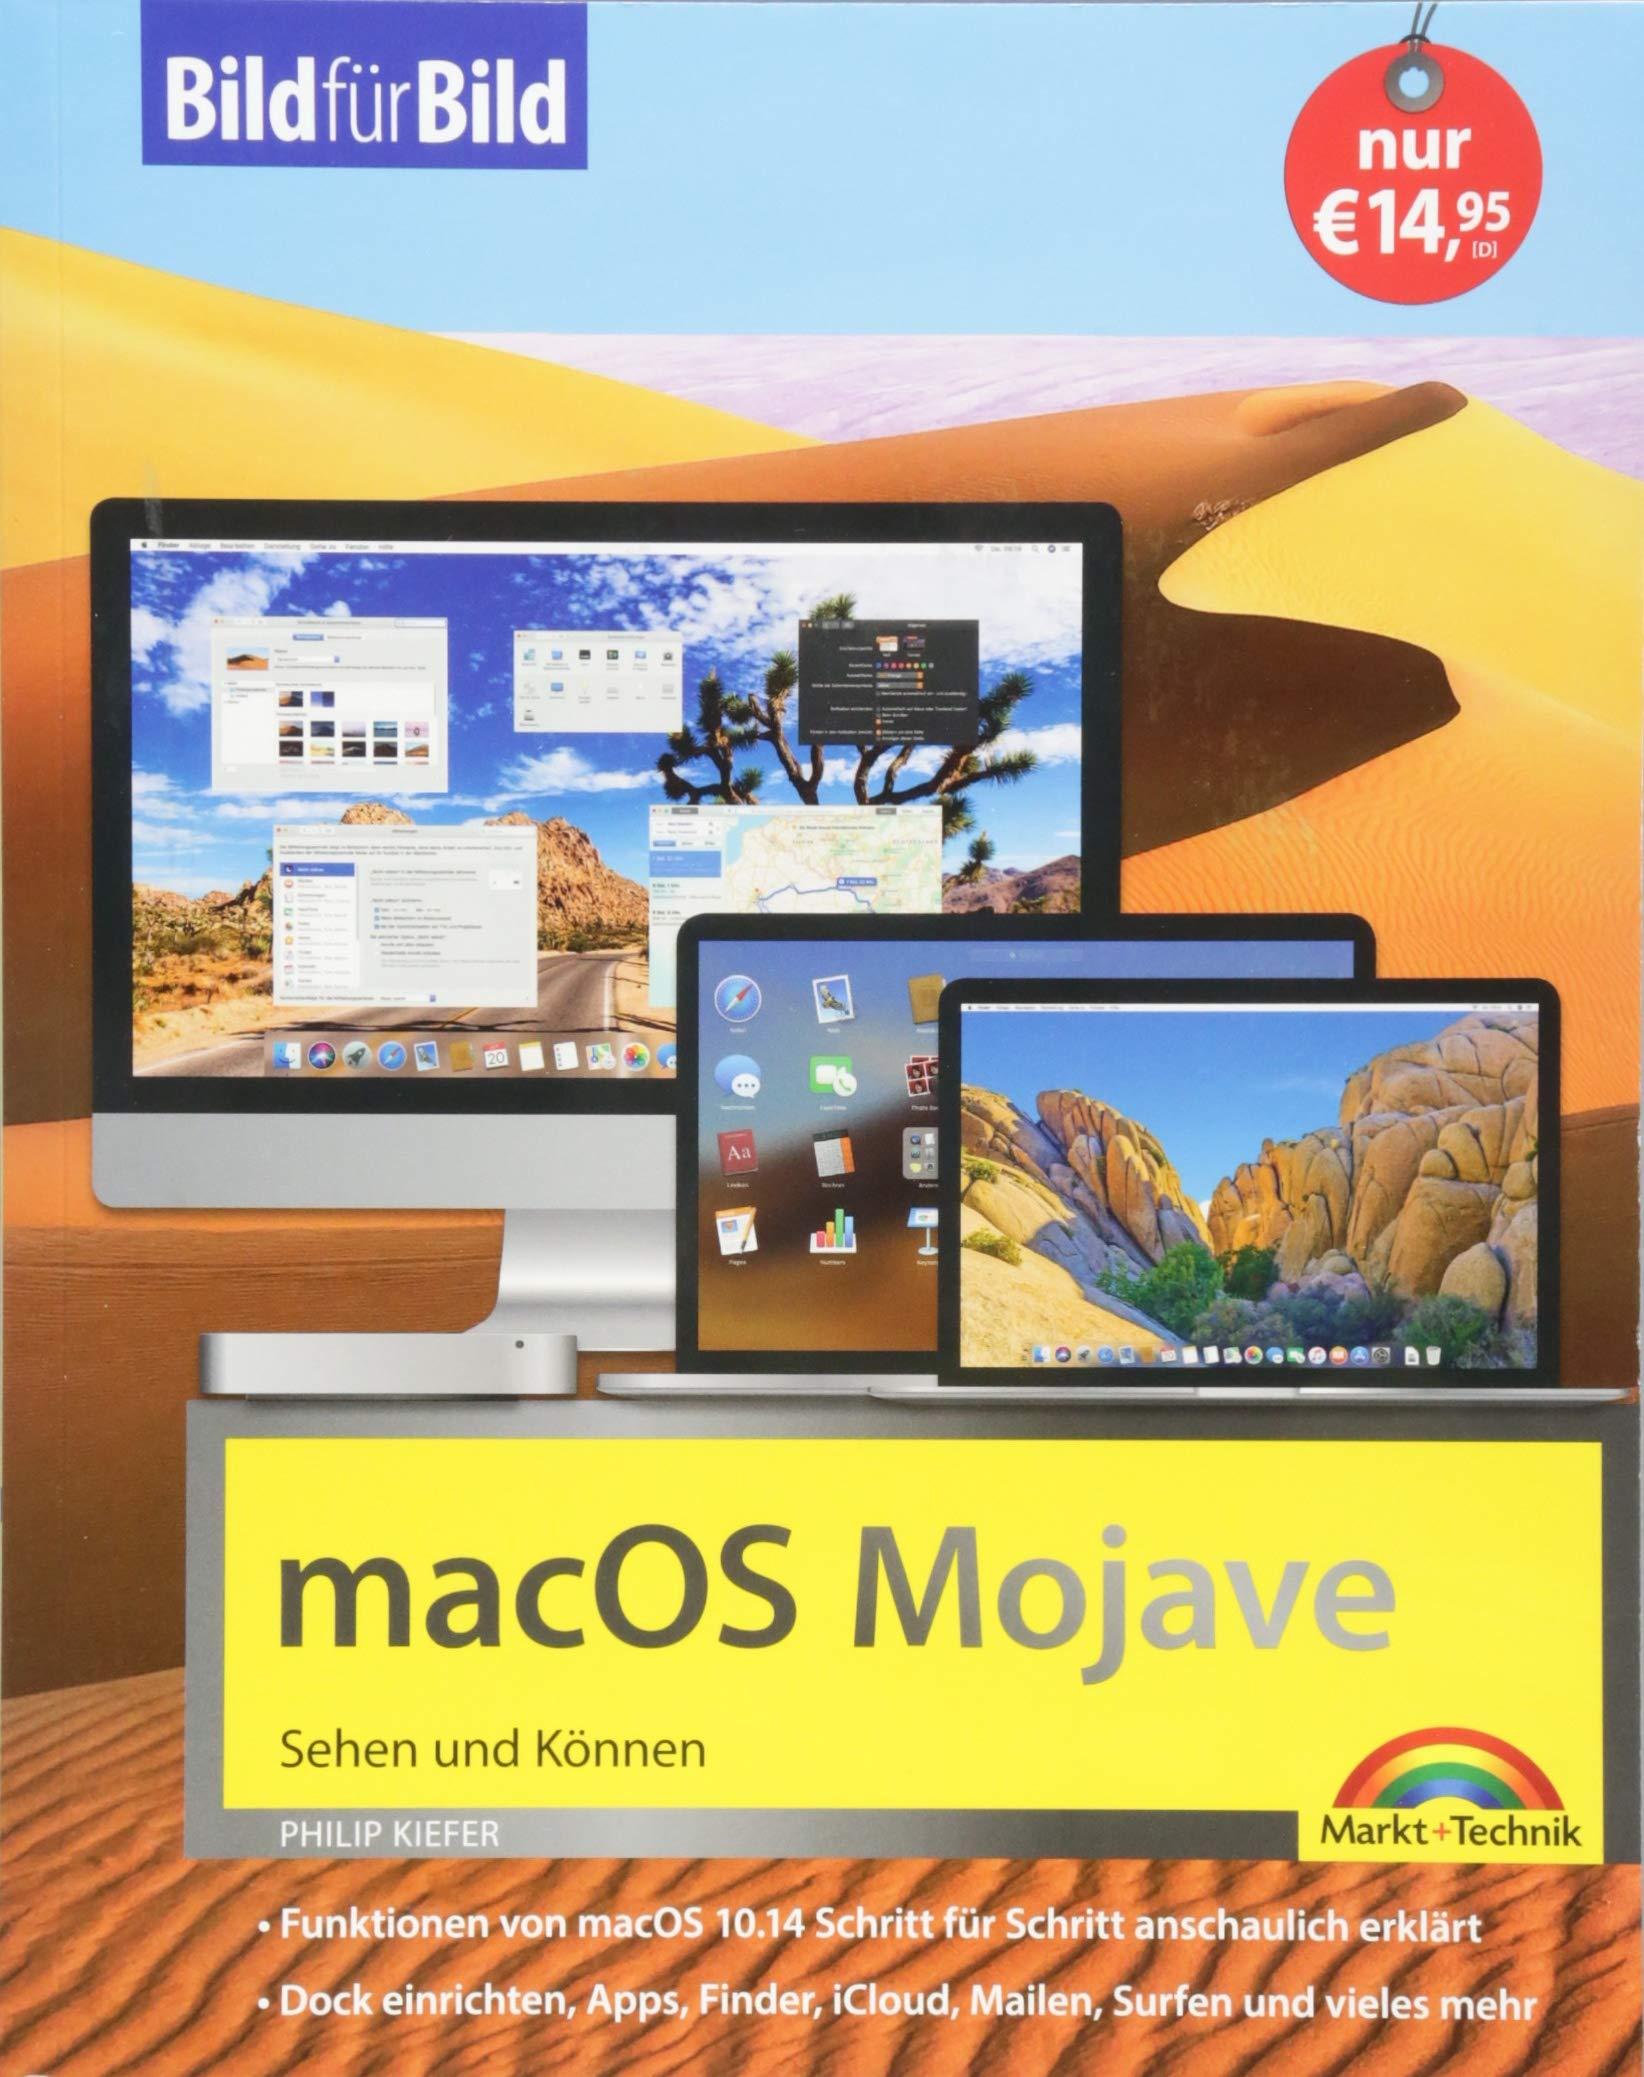 MacOS Mojave Bild Für Bild   Die Anleitung In Bilder   Ideal Für Einsteiger Und Umsteiger  Für Alle MAC   Modelle Geeignet